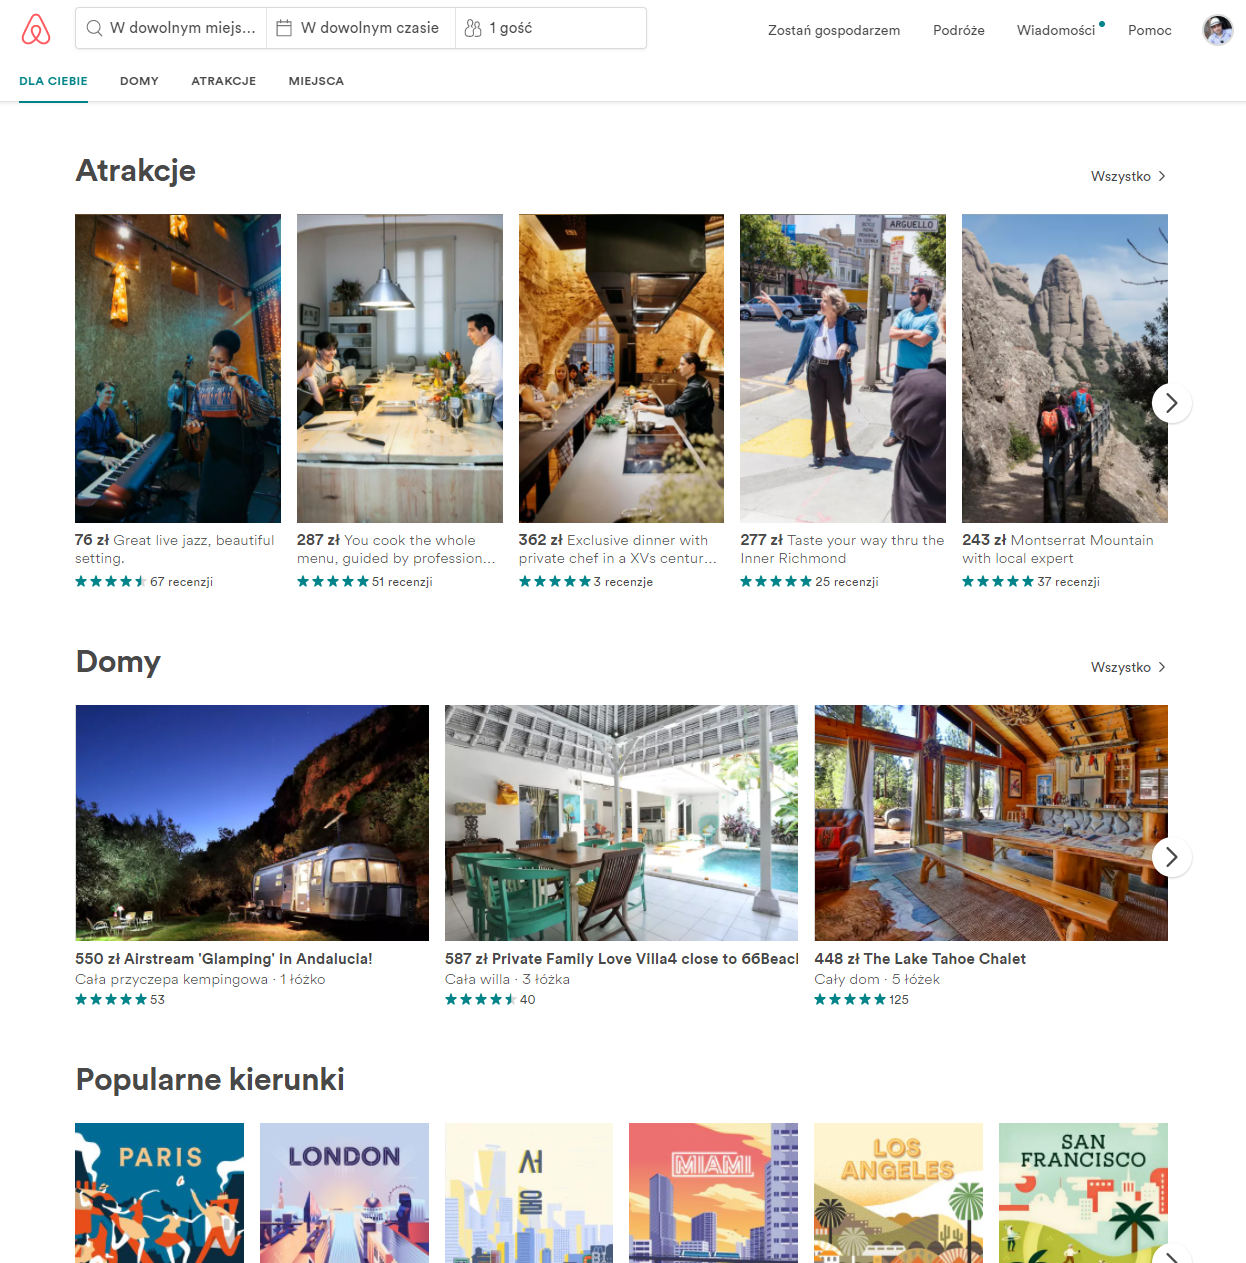 strona główna airbnb - atrakcje, domy, popularne kierunki